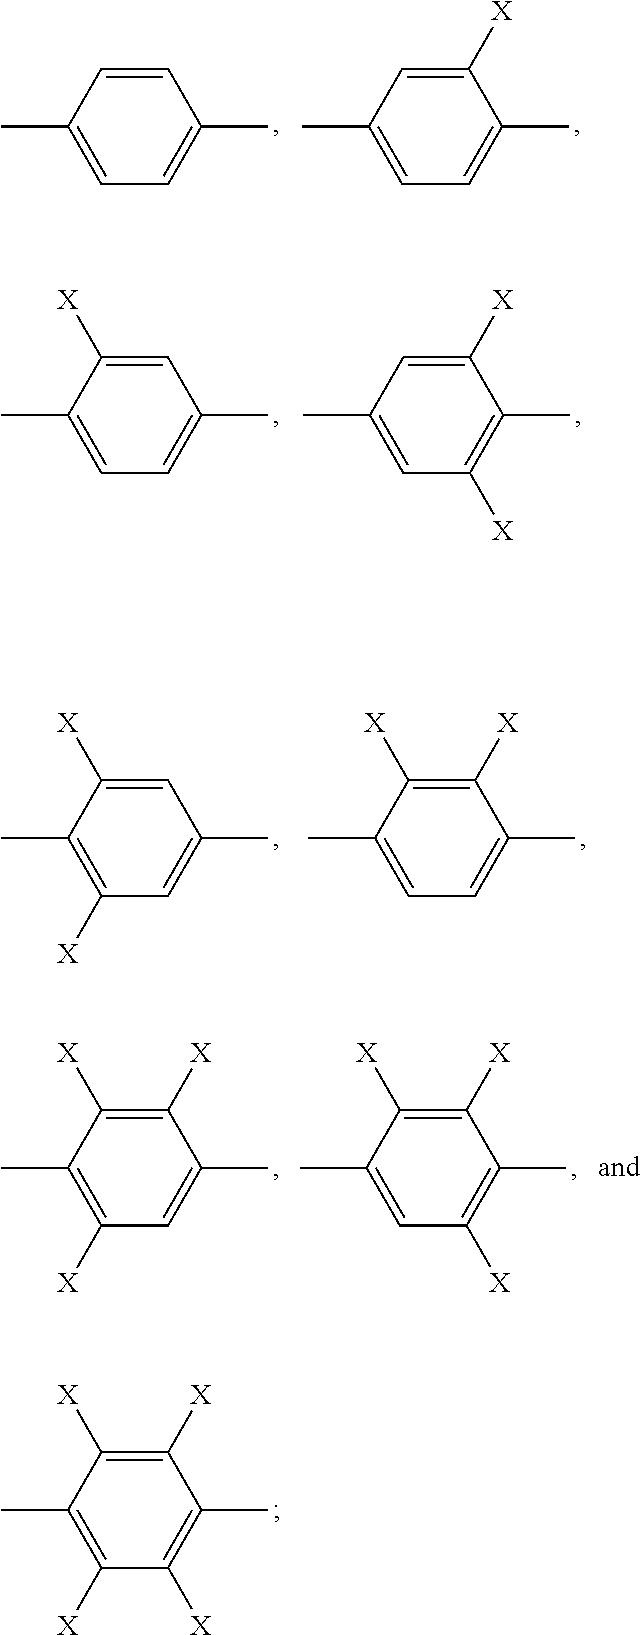 Figure US20130208227A1-20130815-C00329